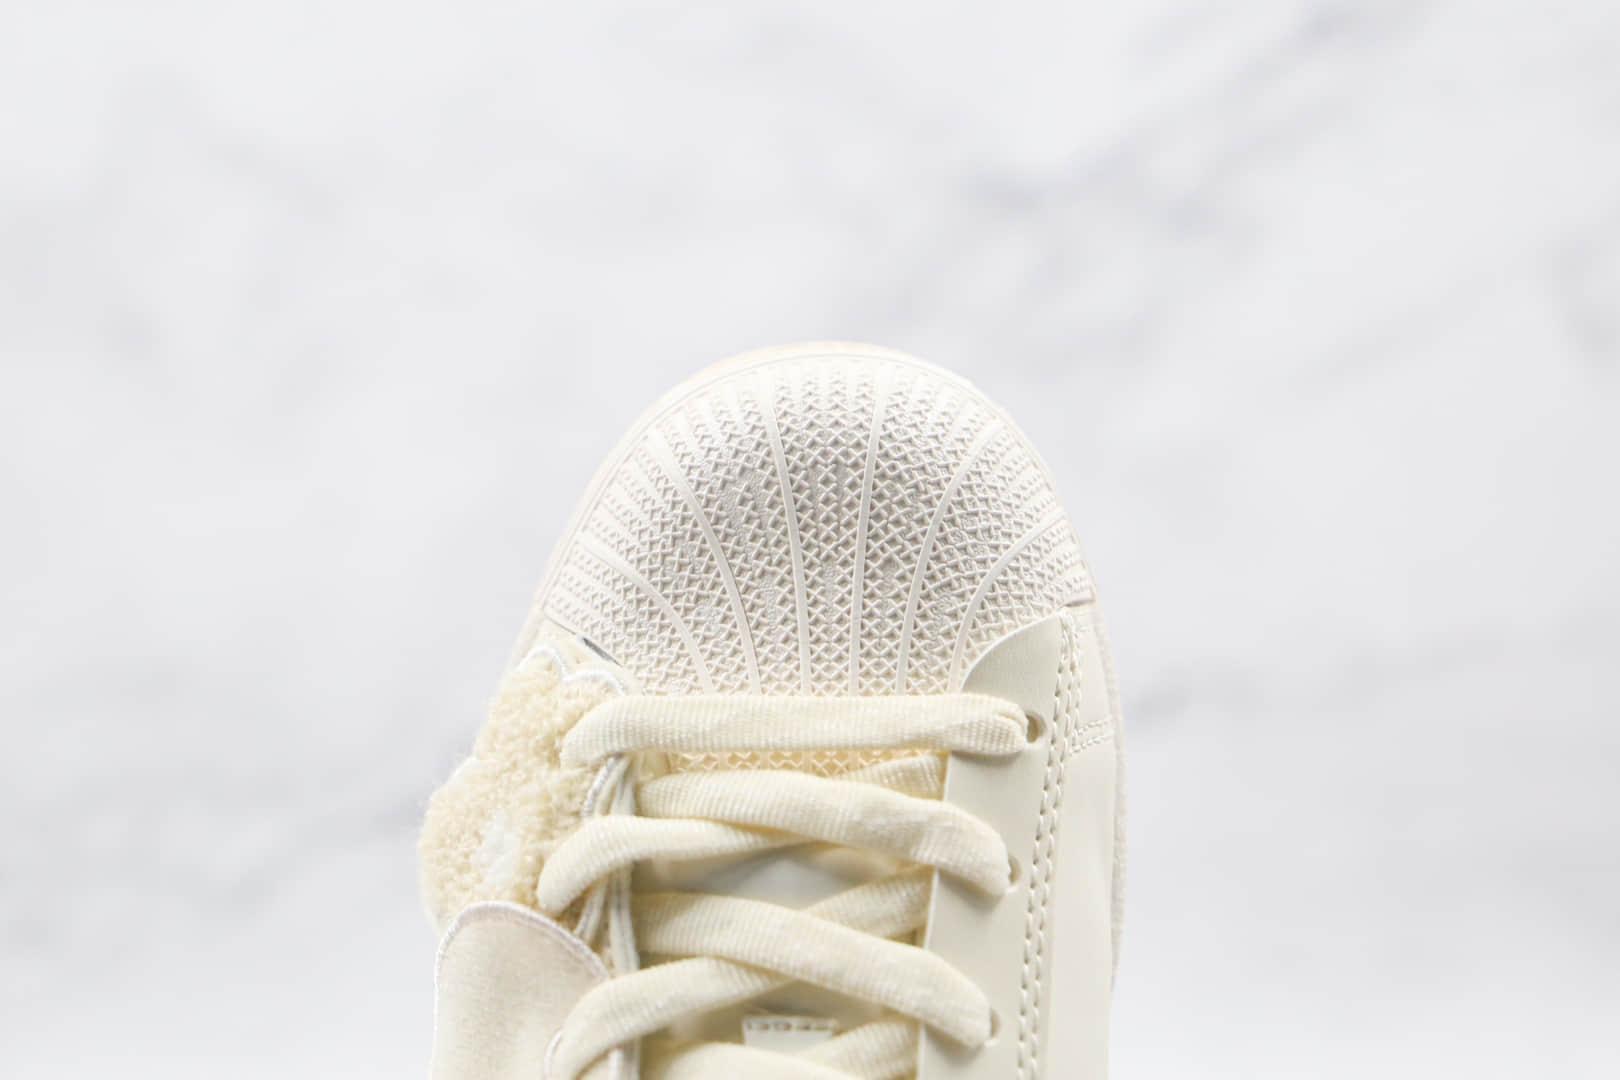 阿迪达斯Adidas Originals Superstar Bee With You x Melting Sadness纯原版本三叶草贝壳头米白色情人节限定板鞋原档案数据开发 货号:GZ2674